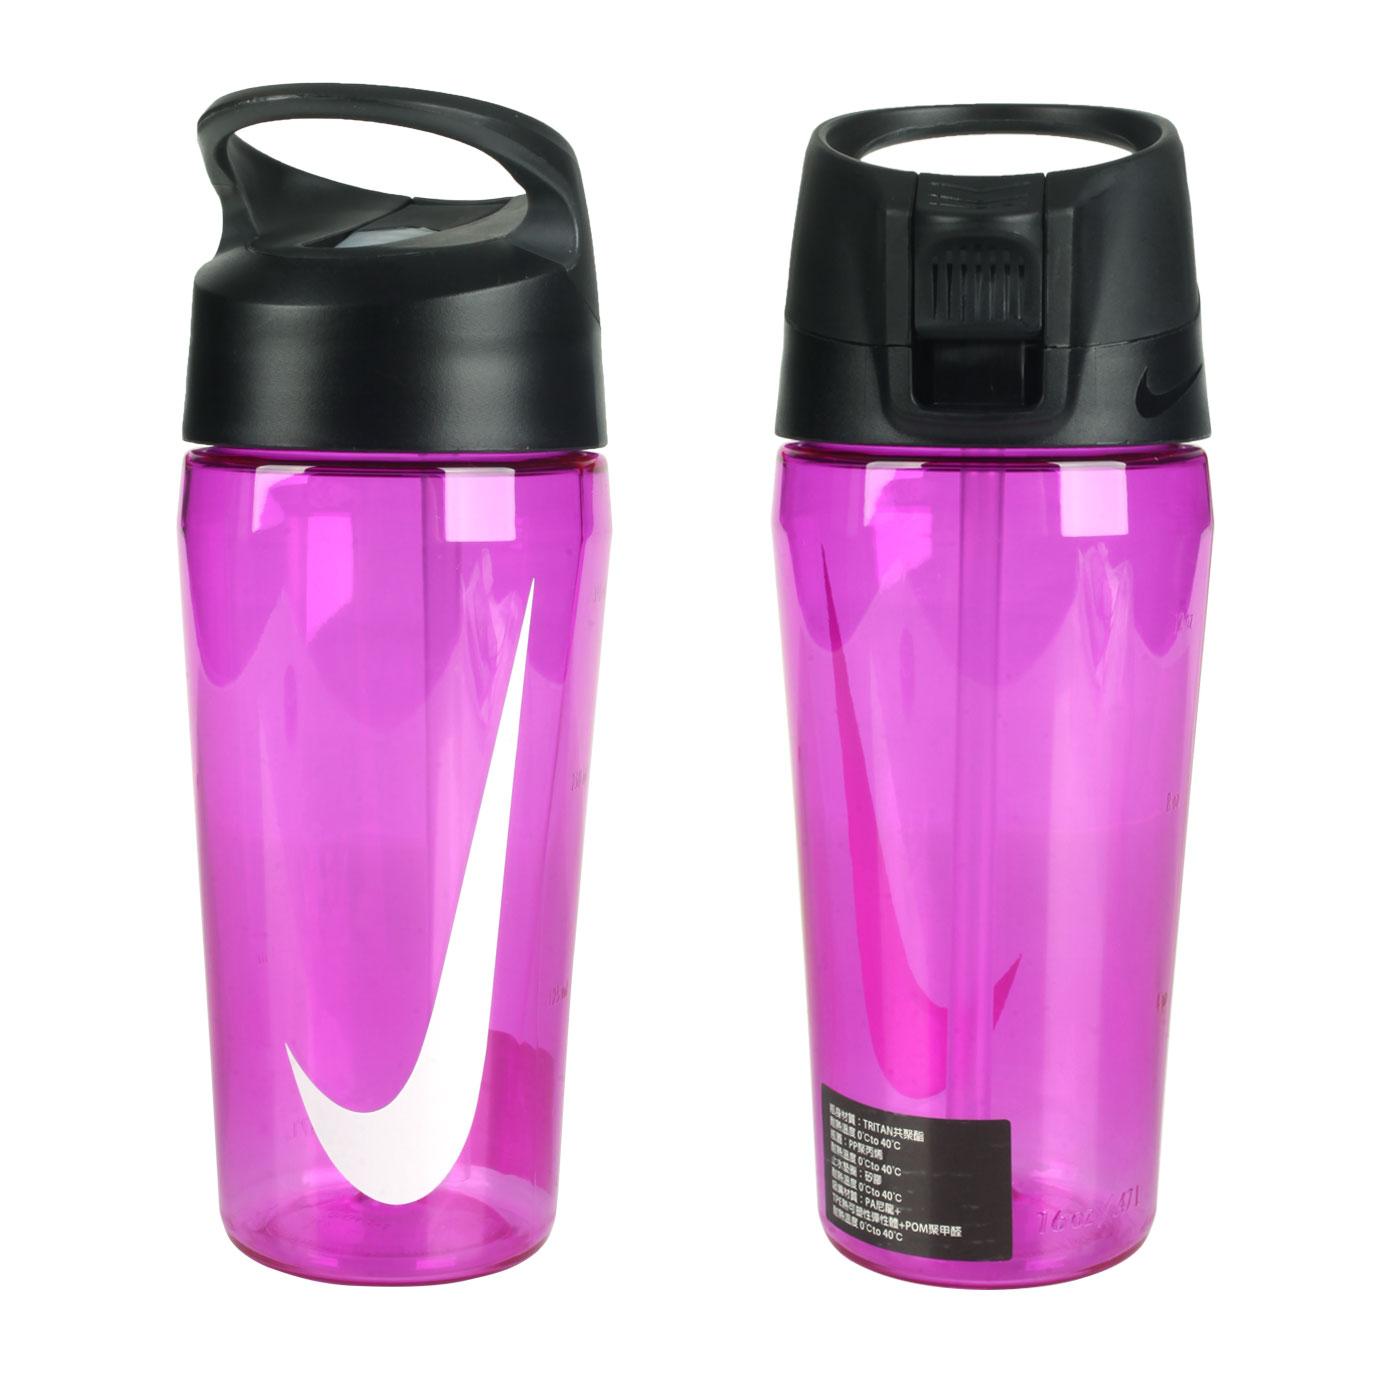 NIKE 16OZ 吸管水壺 N100078502516 - 紫白